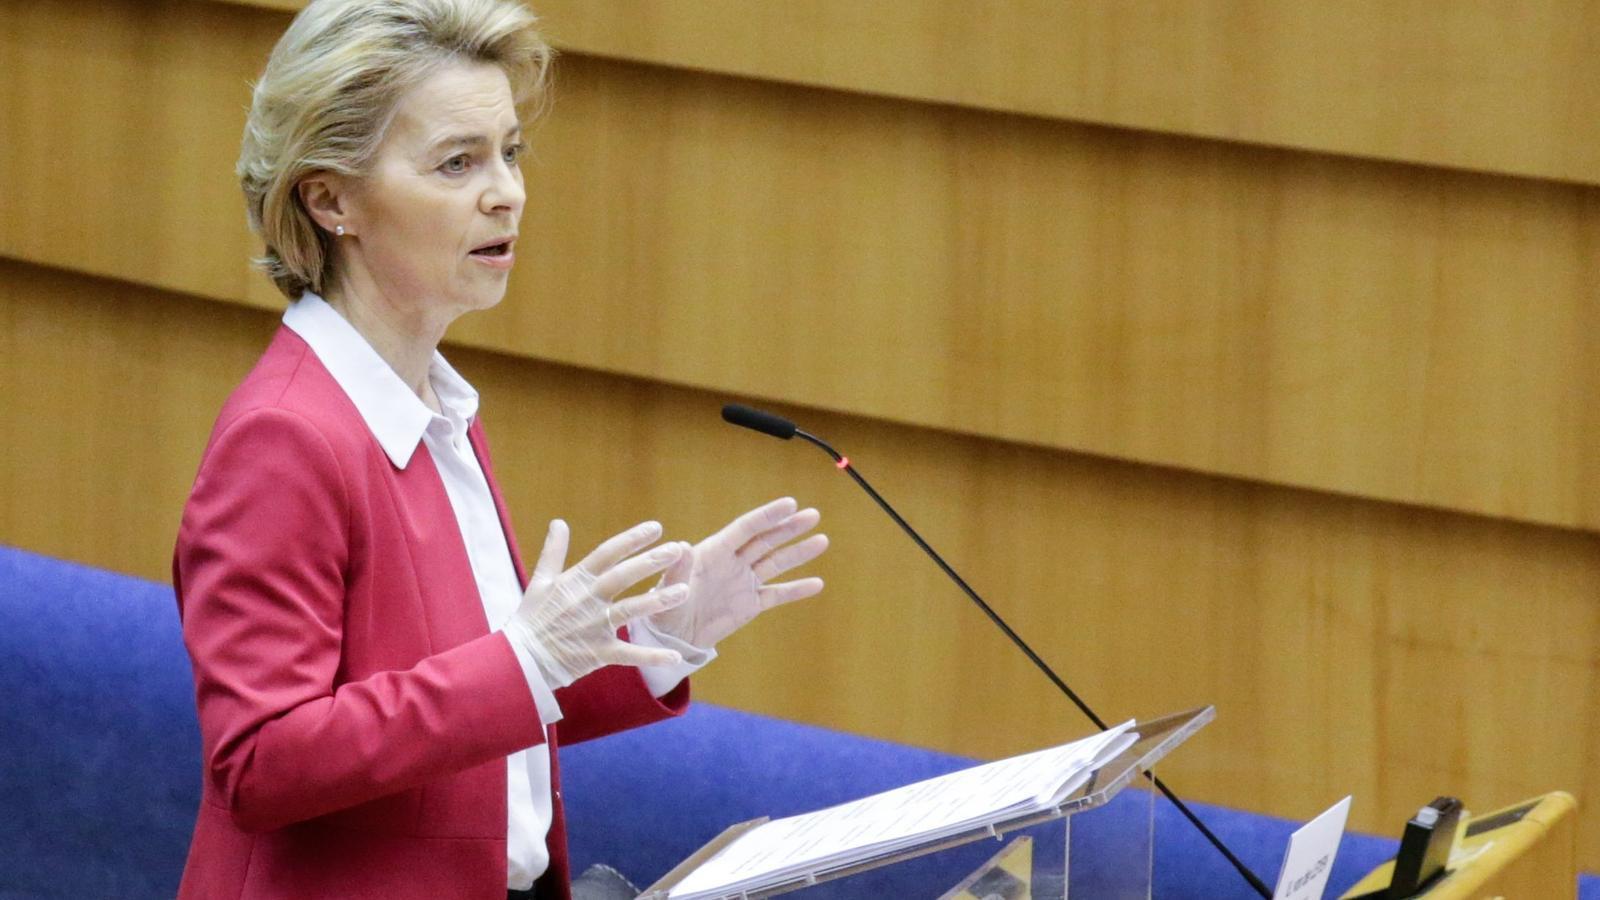 EN DIRECTE | La presidenta de la CE, Ursula von der Leyen, fa el discurs sobre l'estat de la Unió al ple del Parlament Europeu